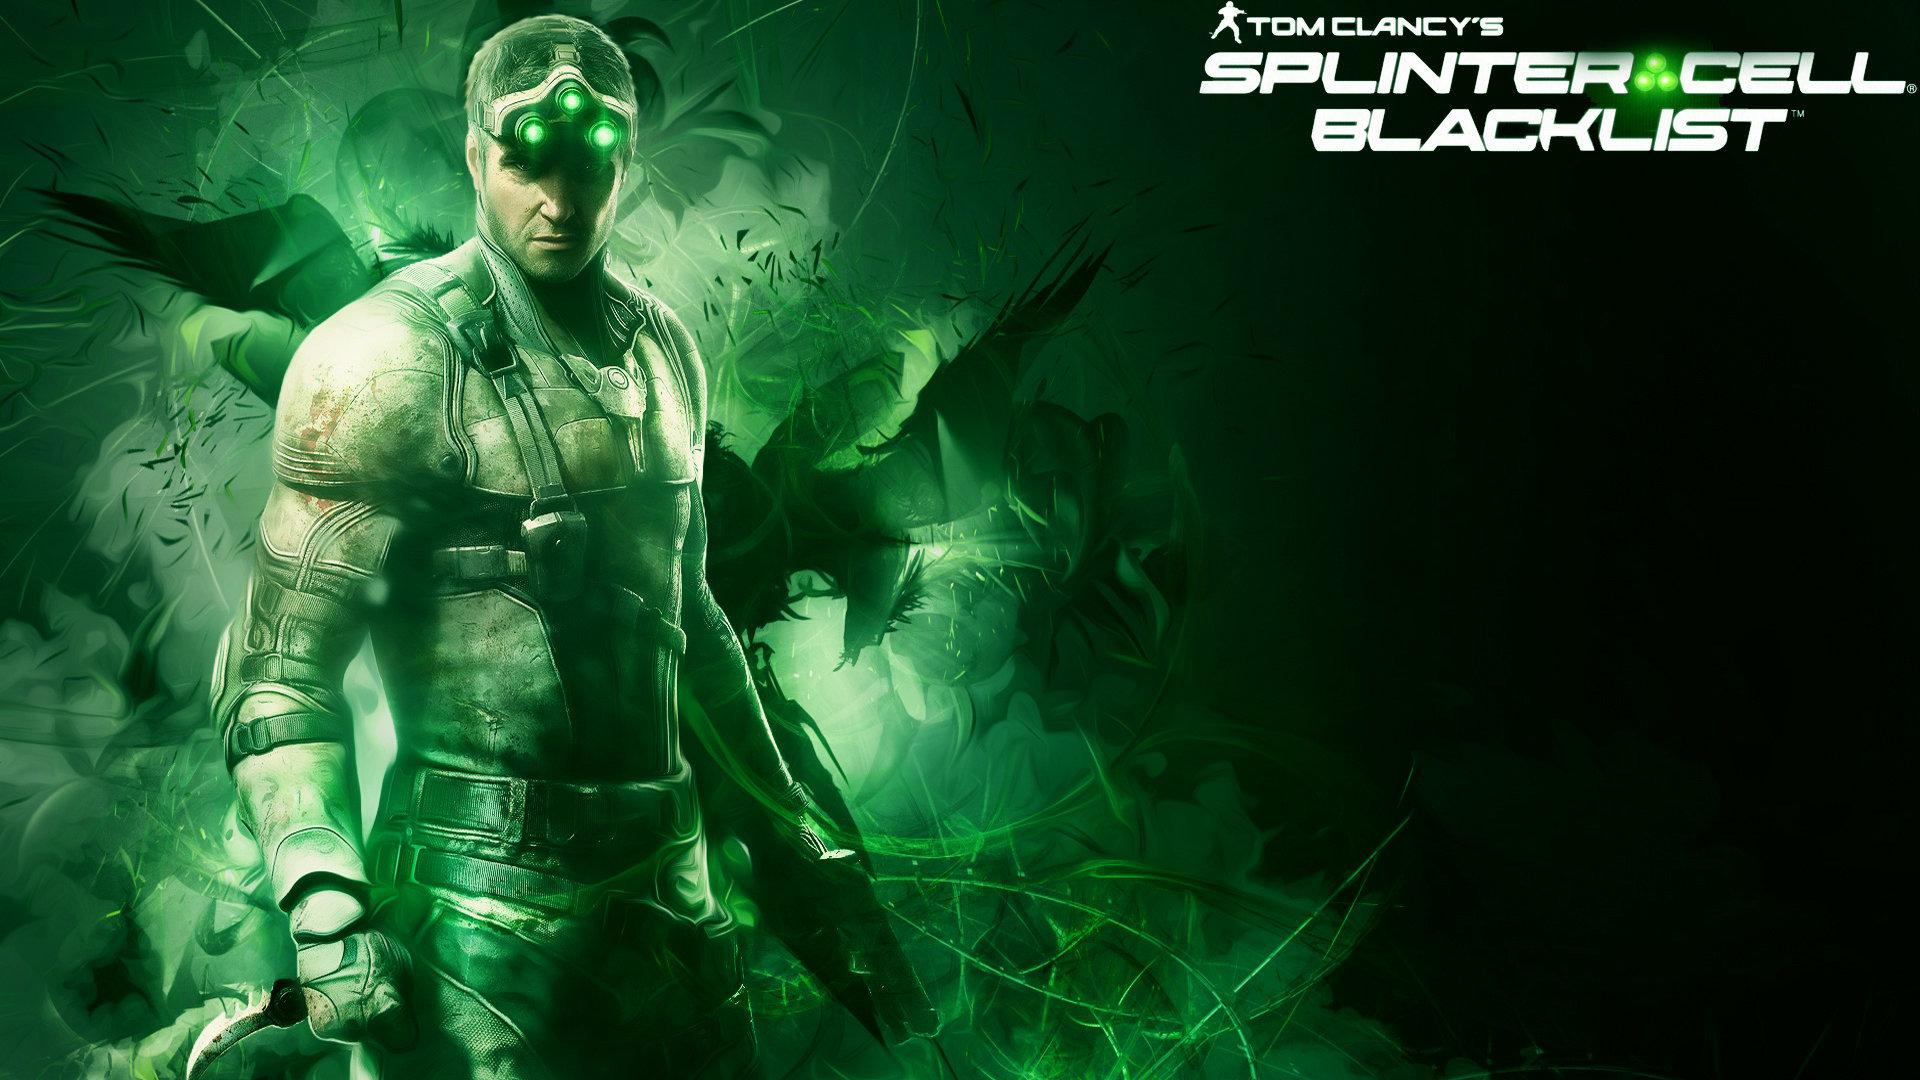 tom-clancys-splinter-cell-blacklist-2013-wallpaper